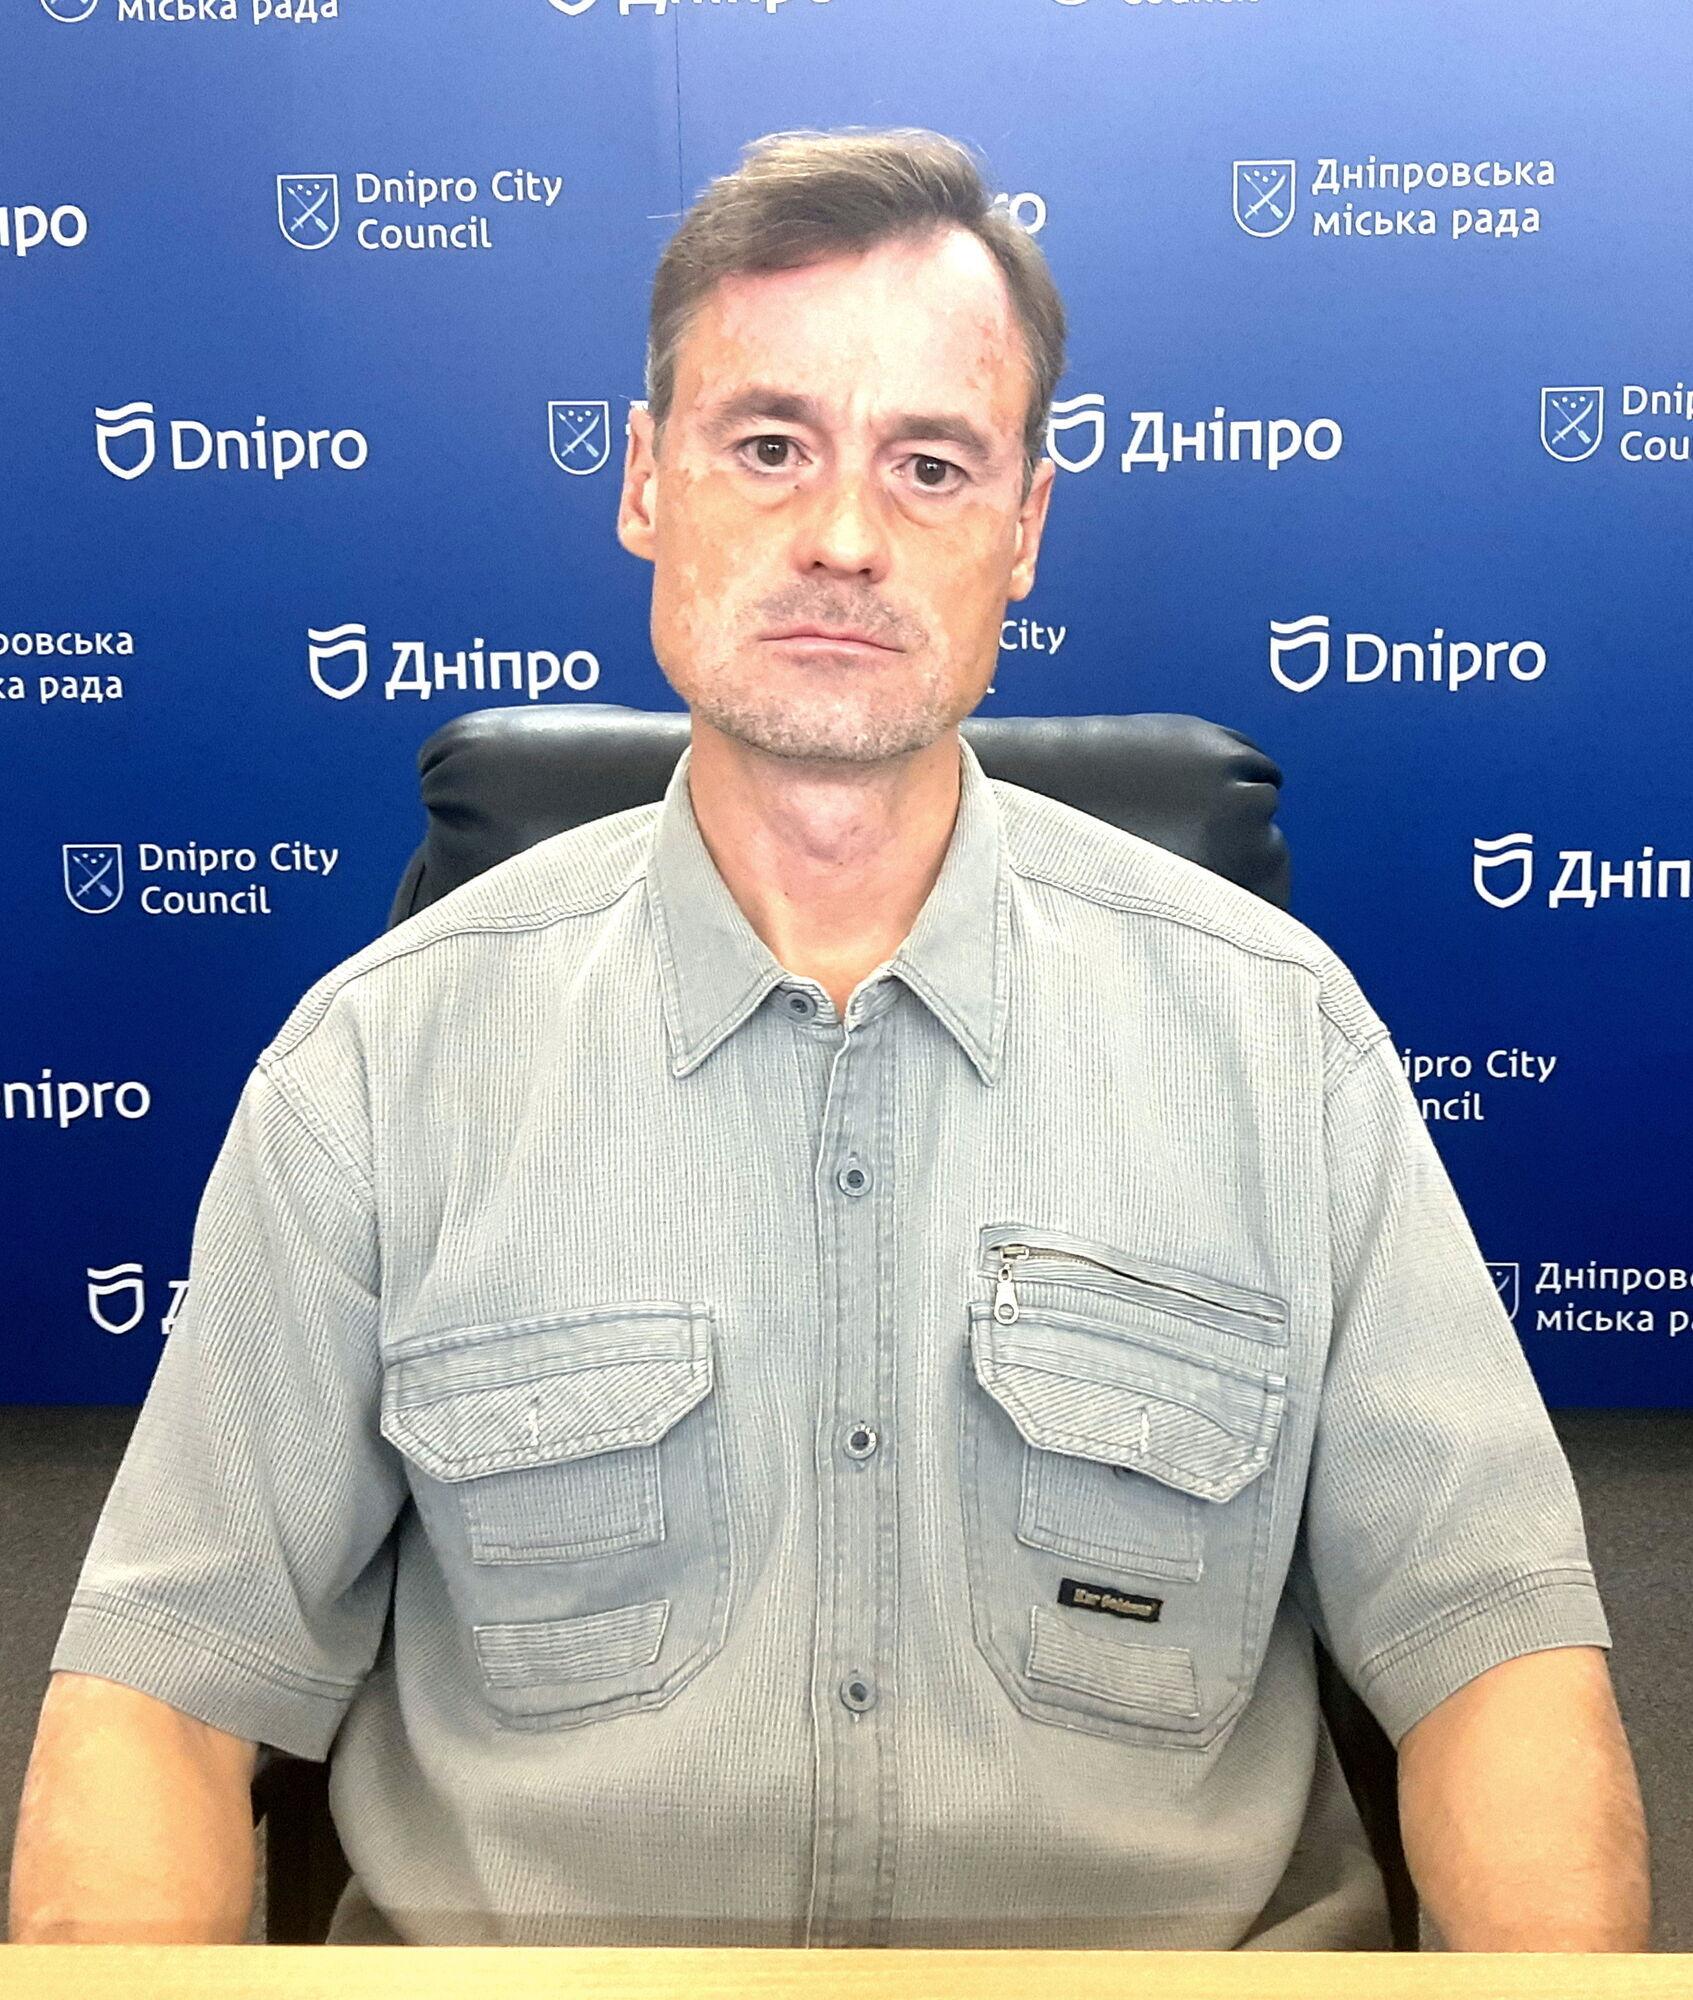 Алексей Михеев отметил, что действия по озеленению должны проходить под наблюдением властей